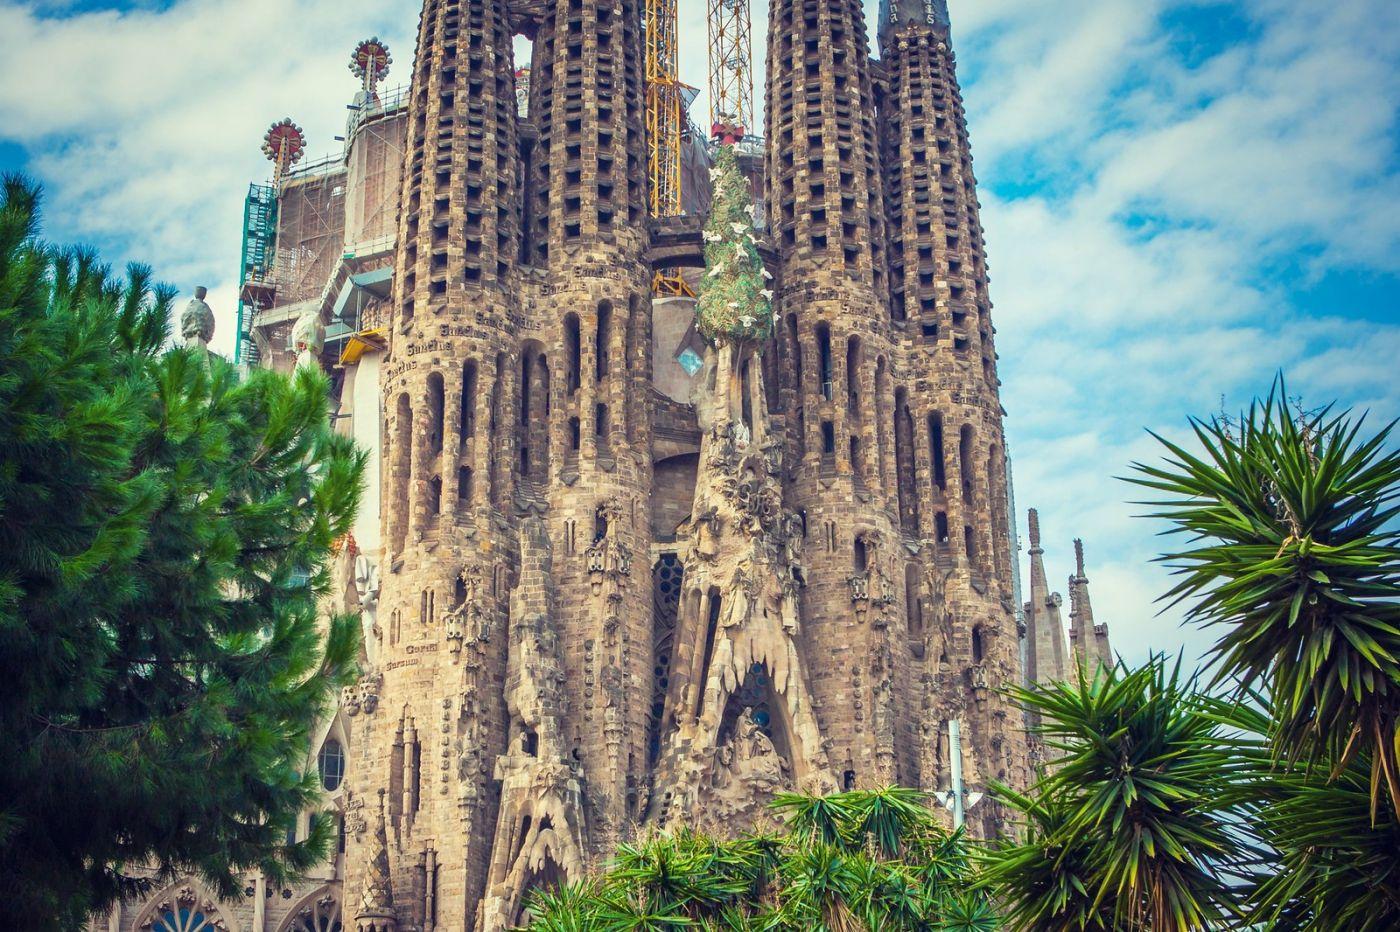 西班牙圣家堂(Sagrada Família), 上帝建筑师-高第的作品_图1-1